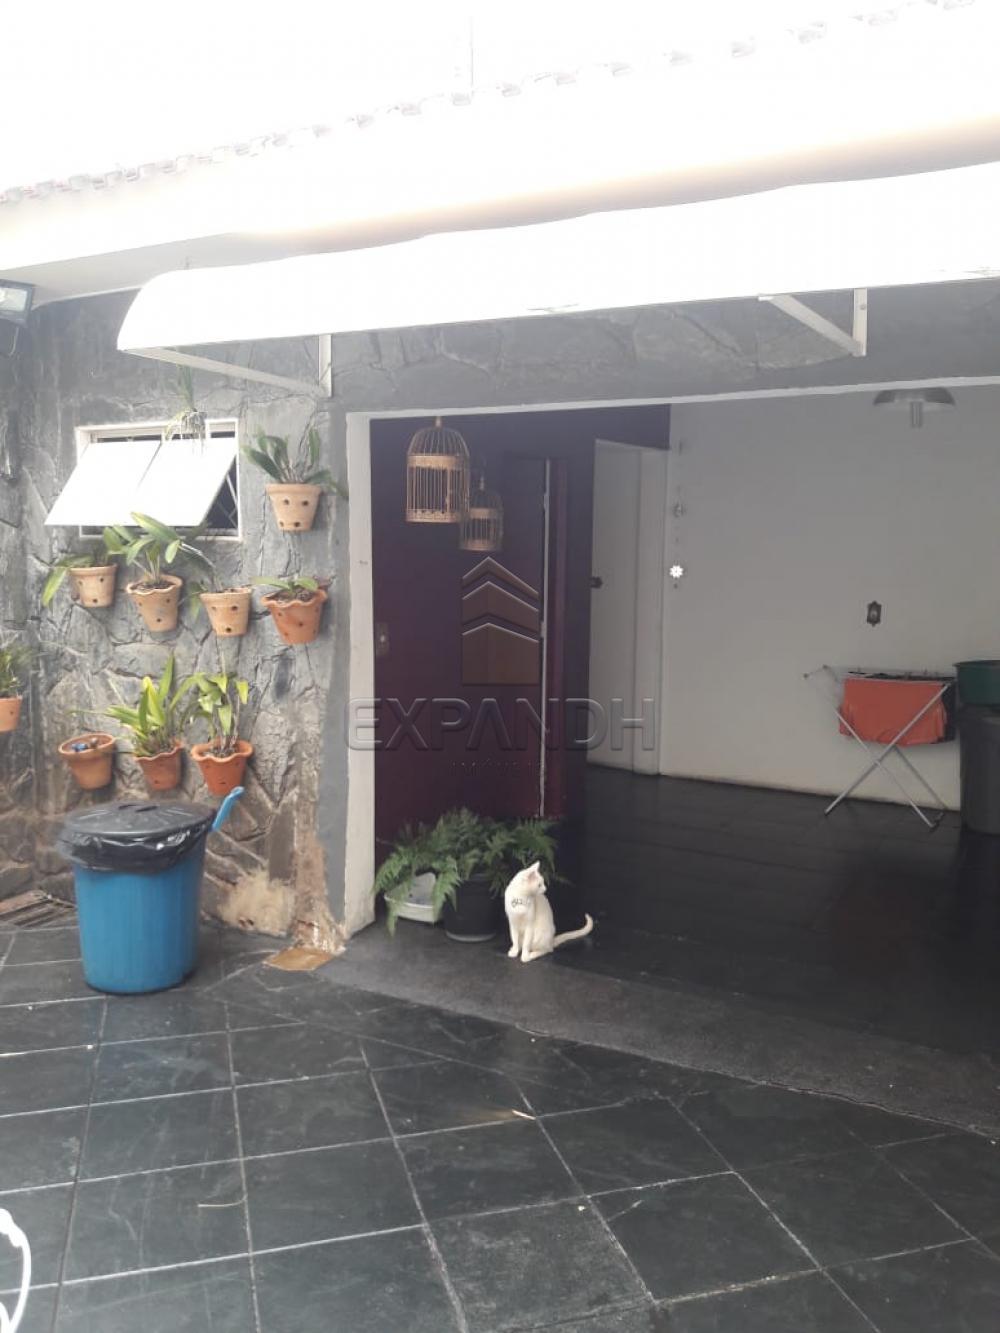 Comprar Casas / Padrão em Sertãozinho apenas R$ 400.000,00 - Foto 5